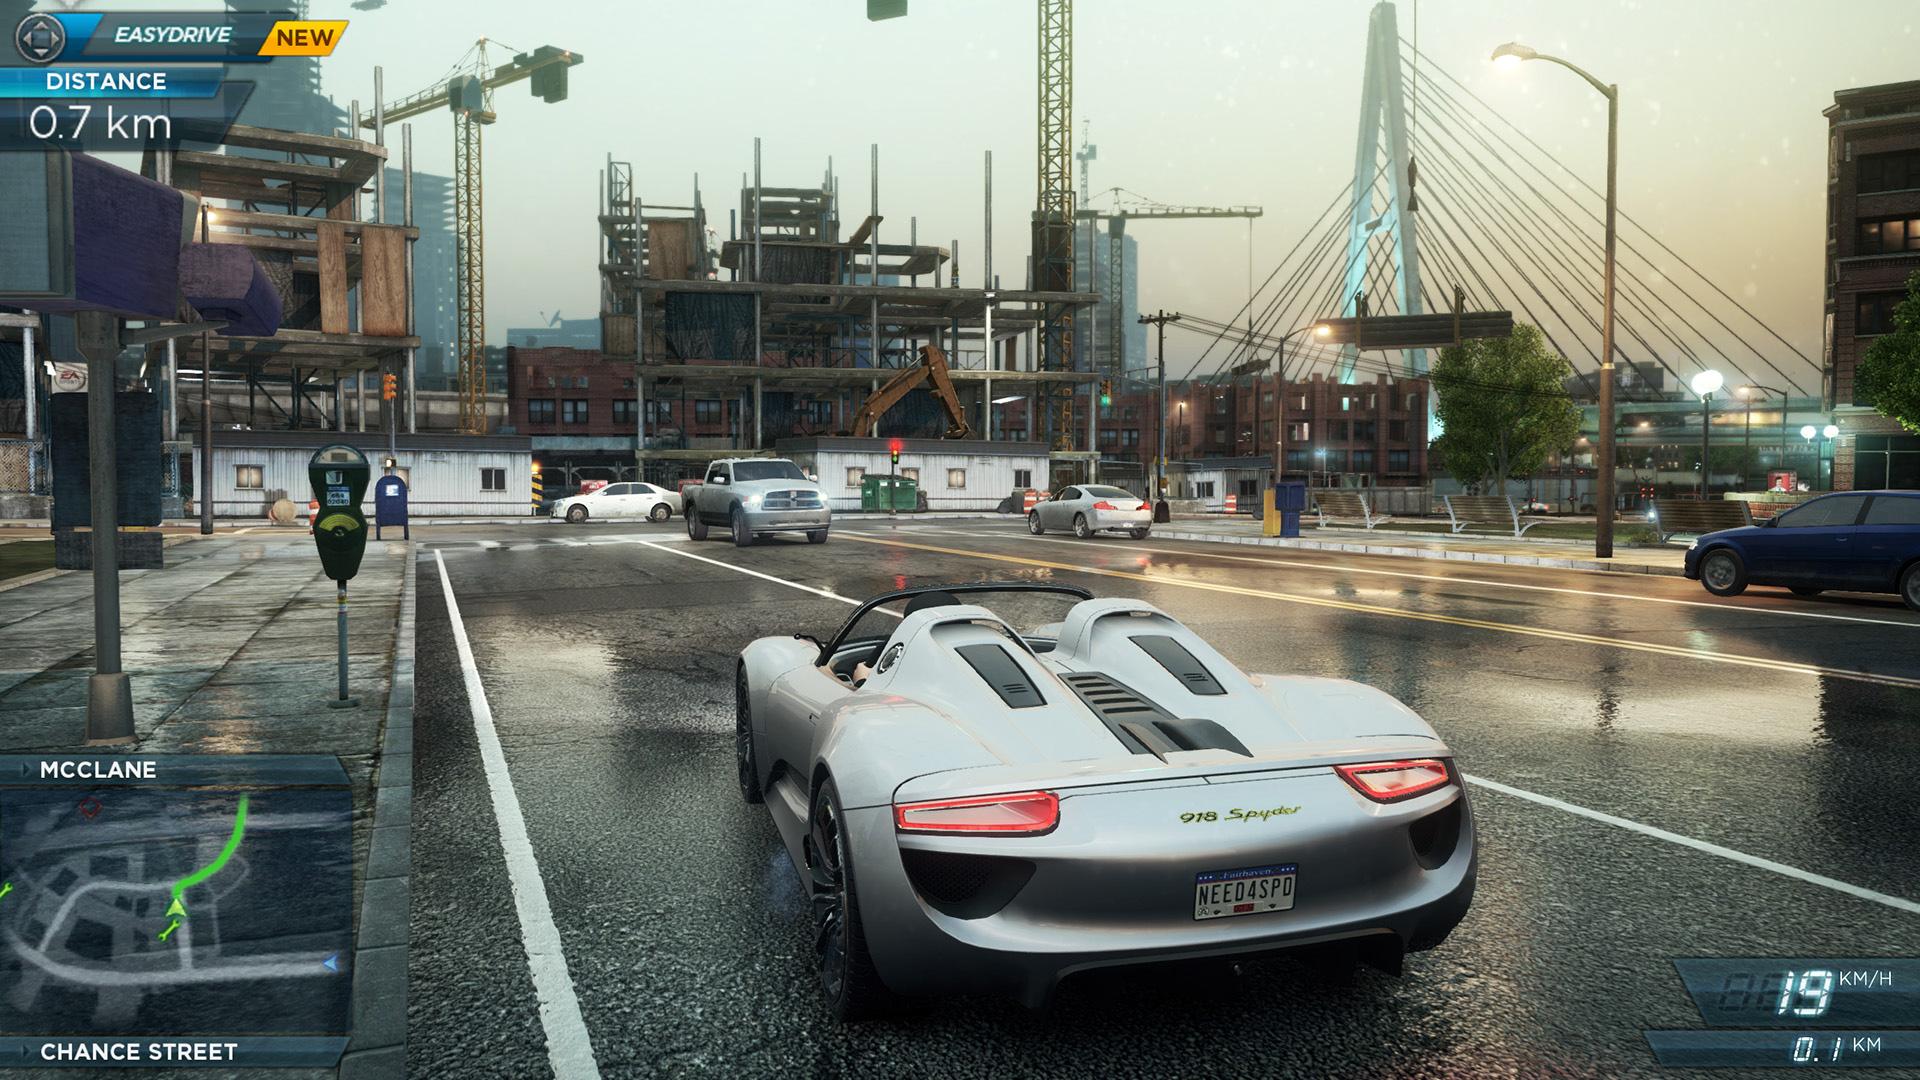 ee458787-30df-4318-9d8a-151272bca377 Fabulous Porsche 918 Spyder Nfs Mw Mod Cars Trend